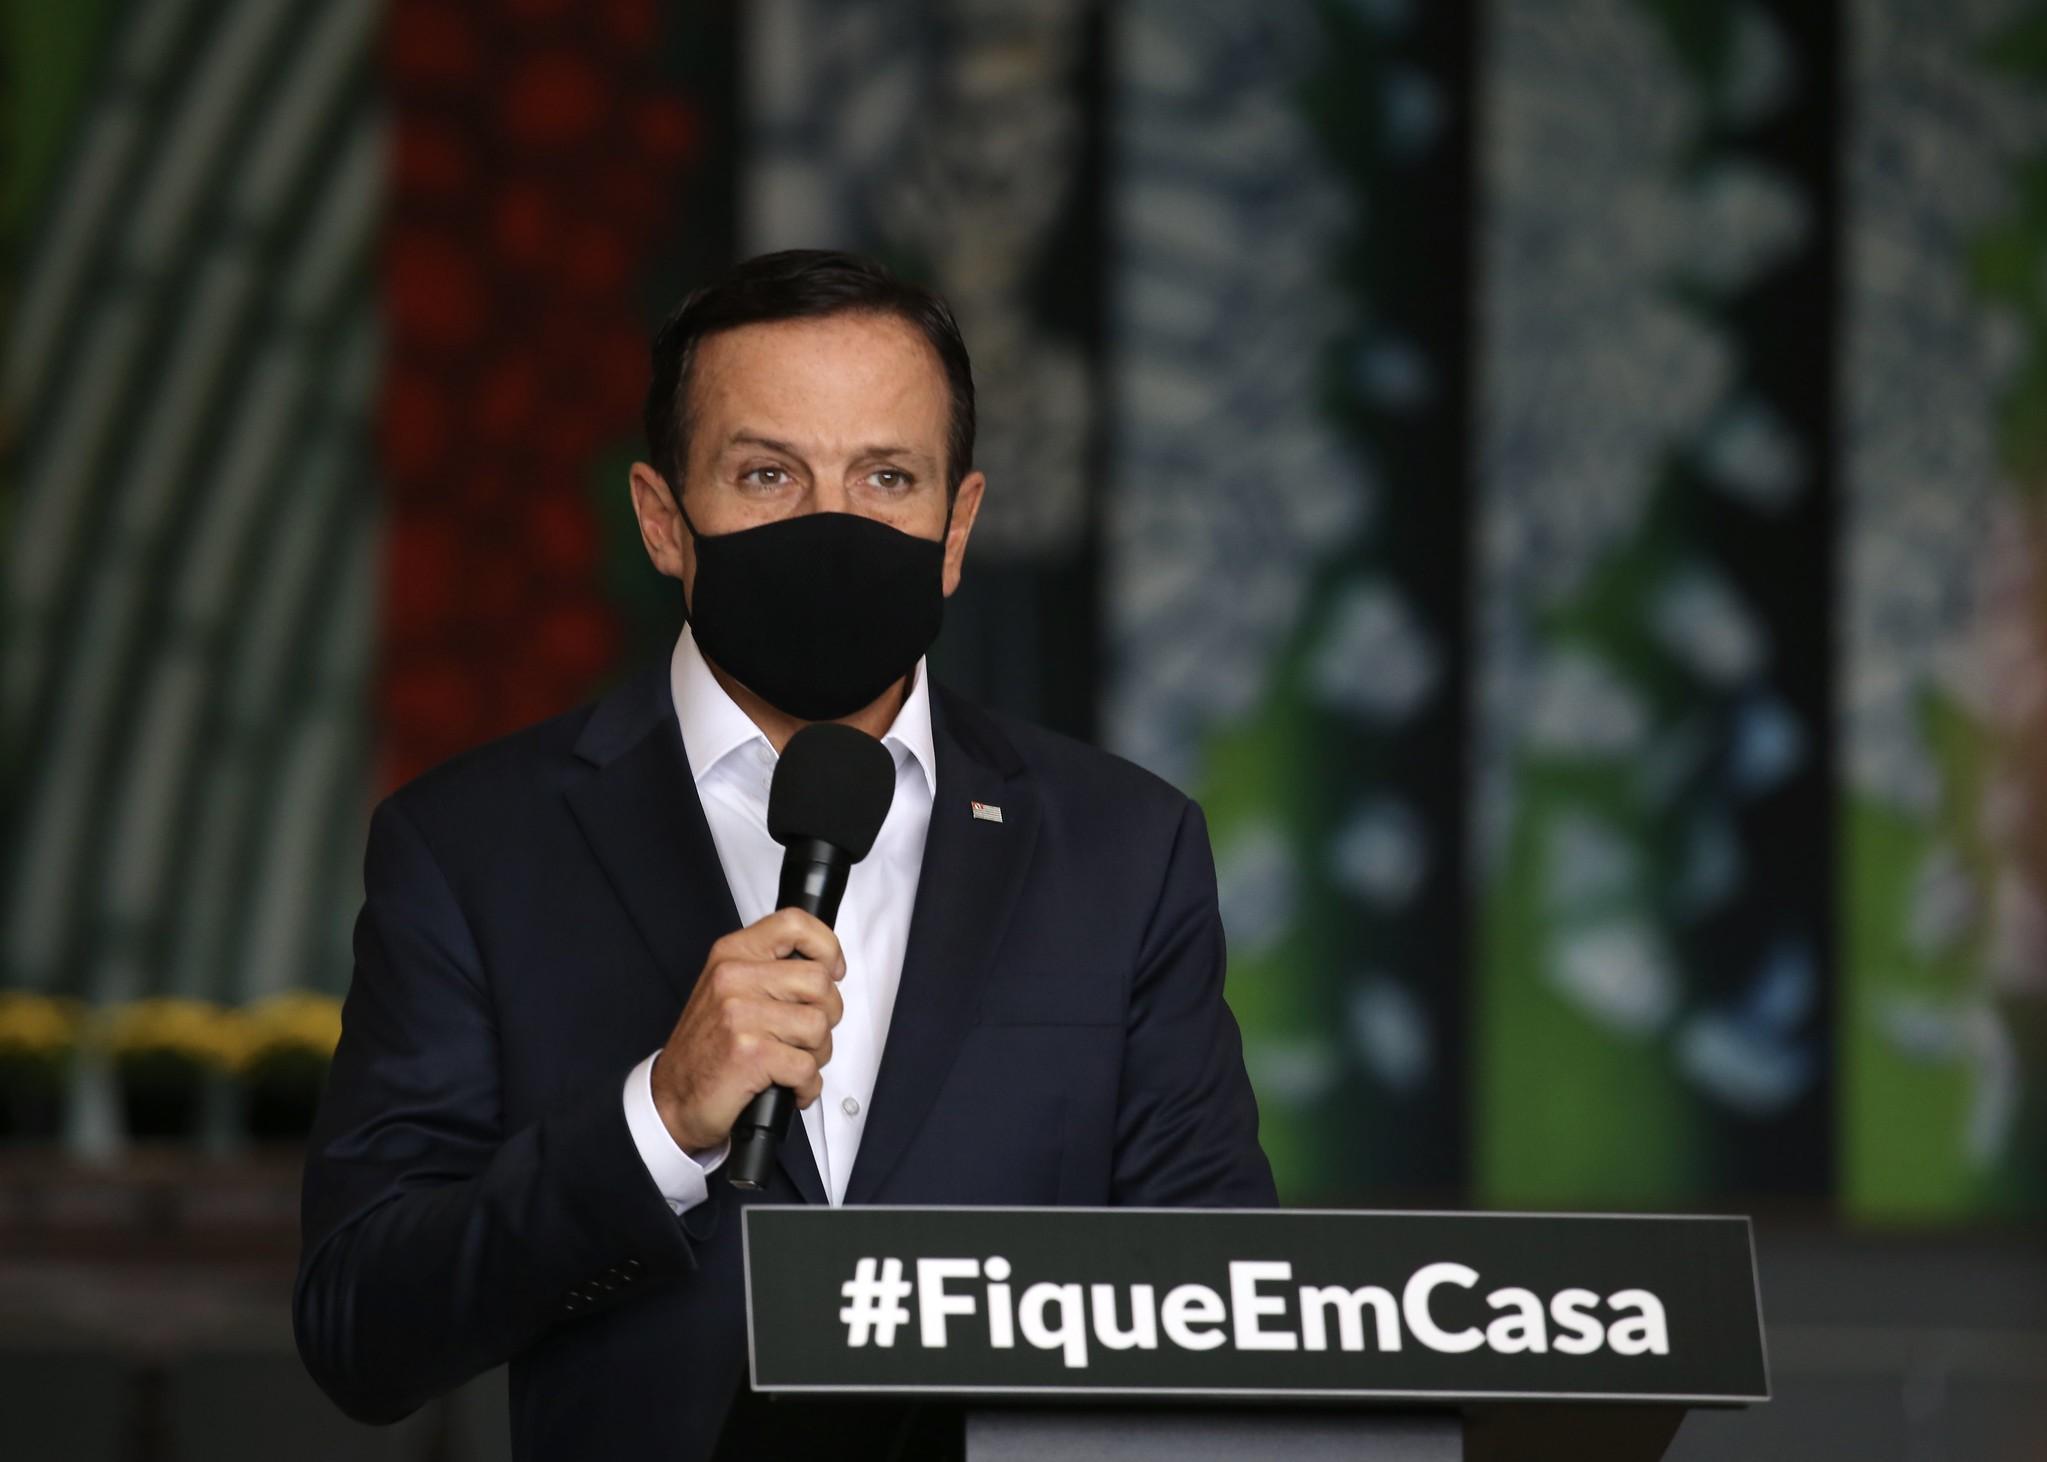 Governador João Doria. Crédito da Foto: Divulgação / Governo do Estado de SP (10/03/2021)